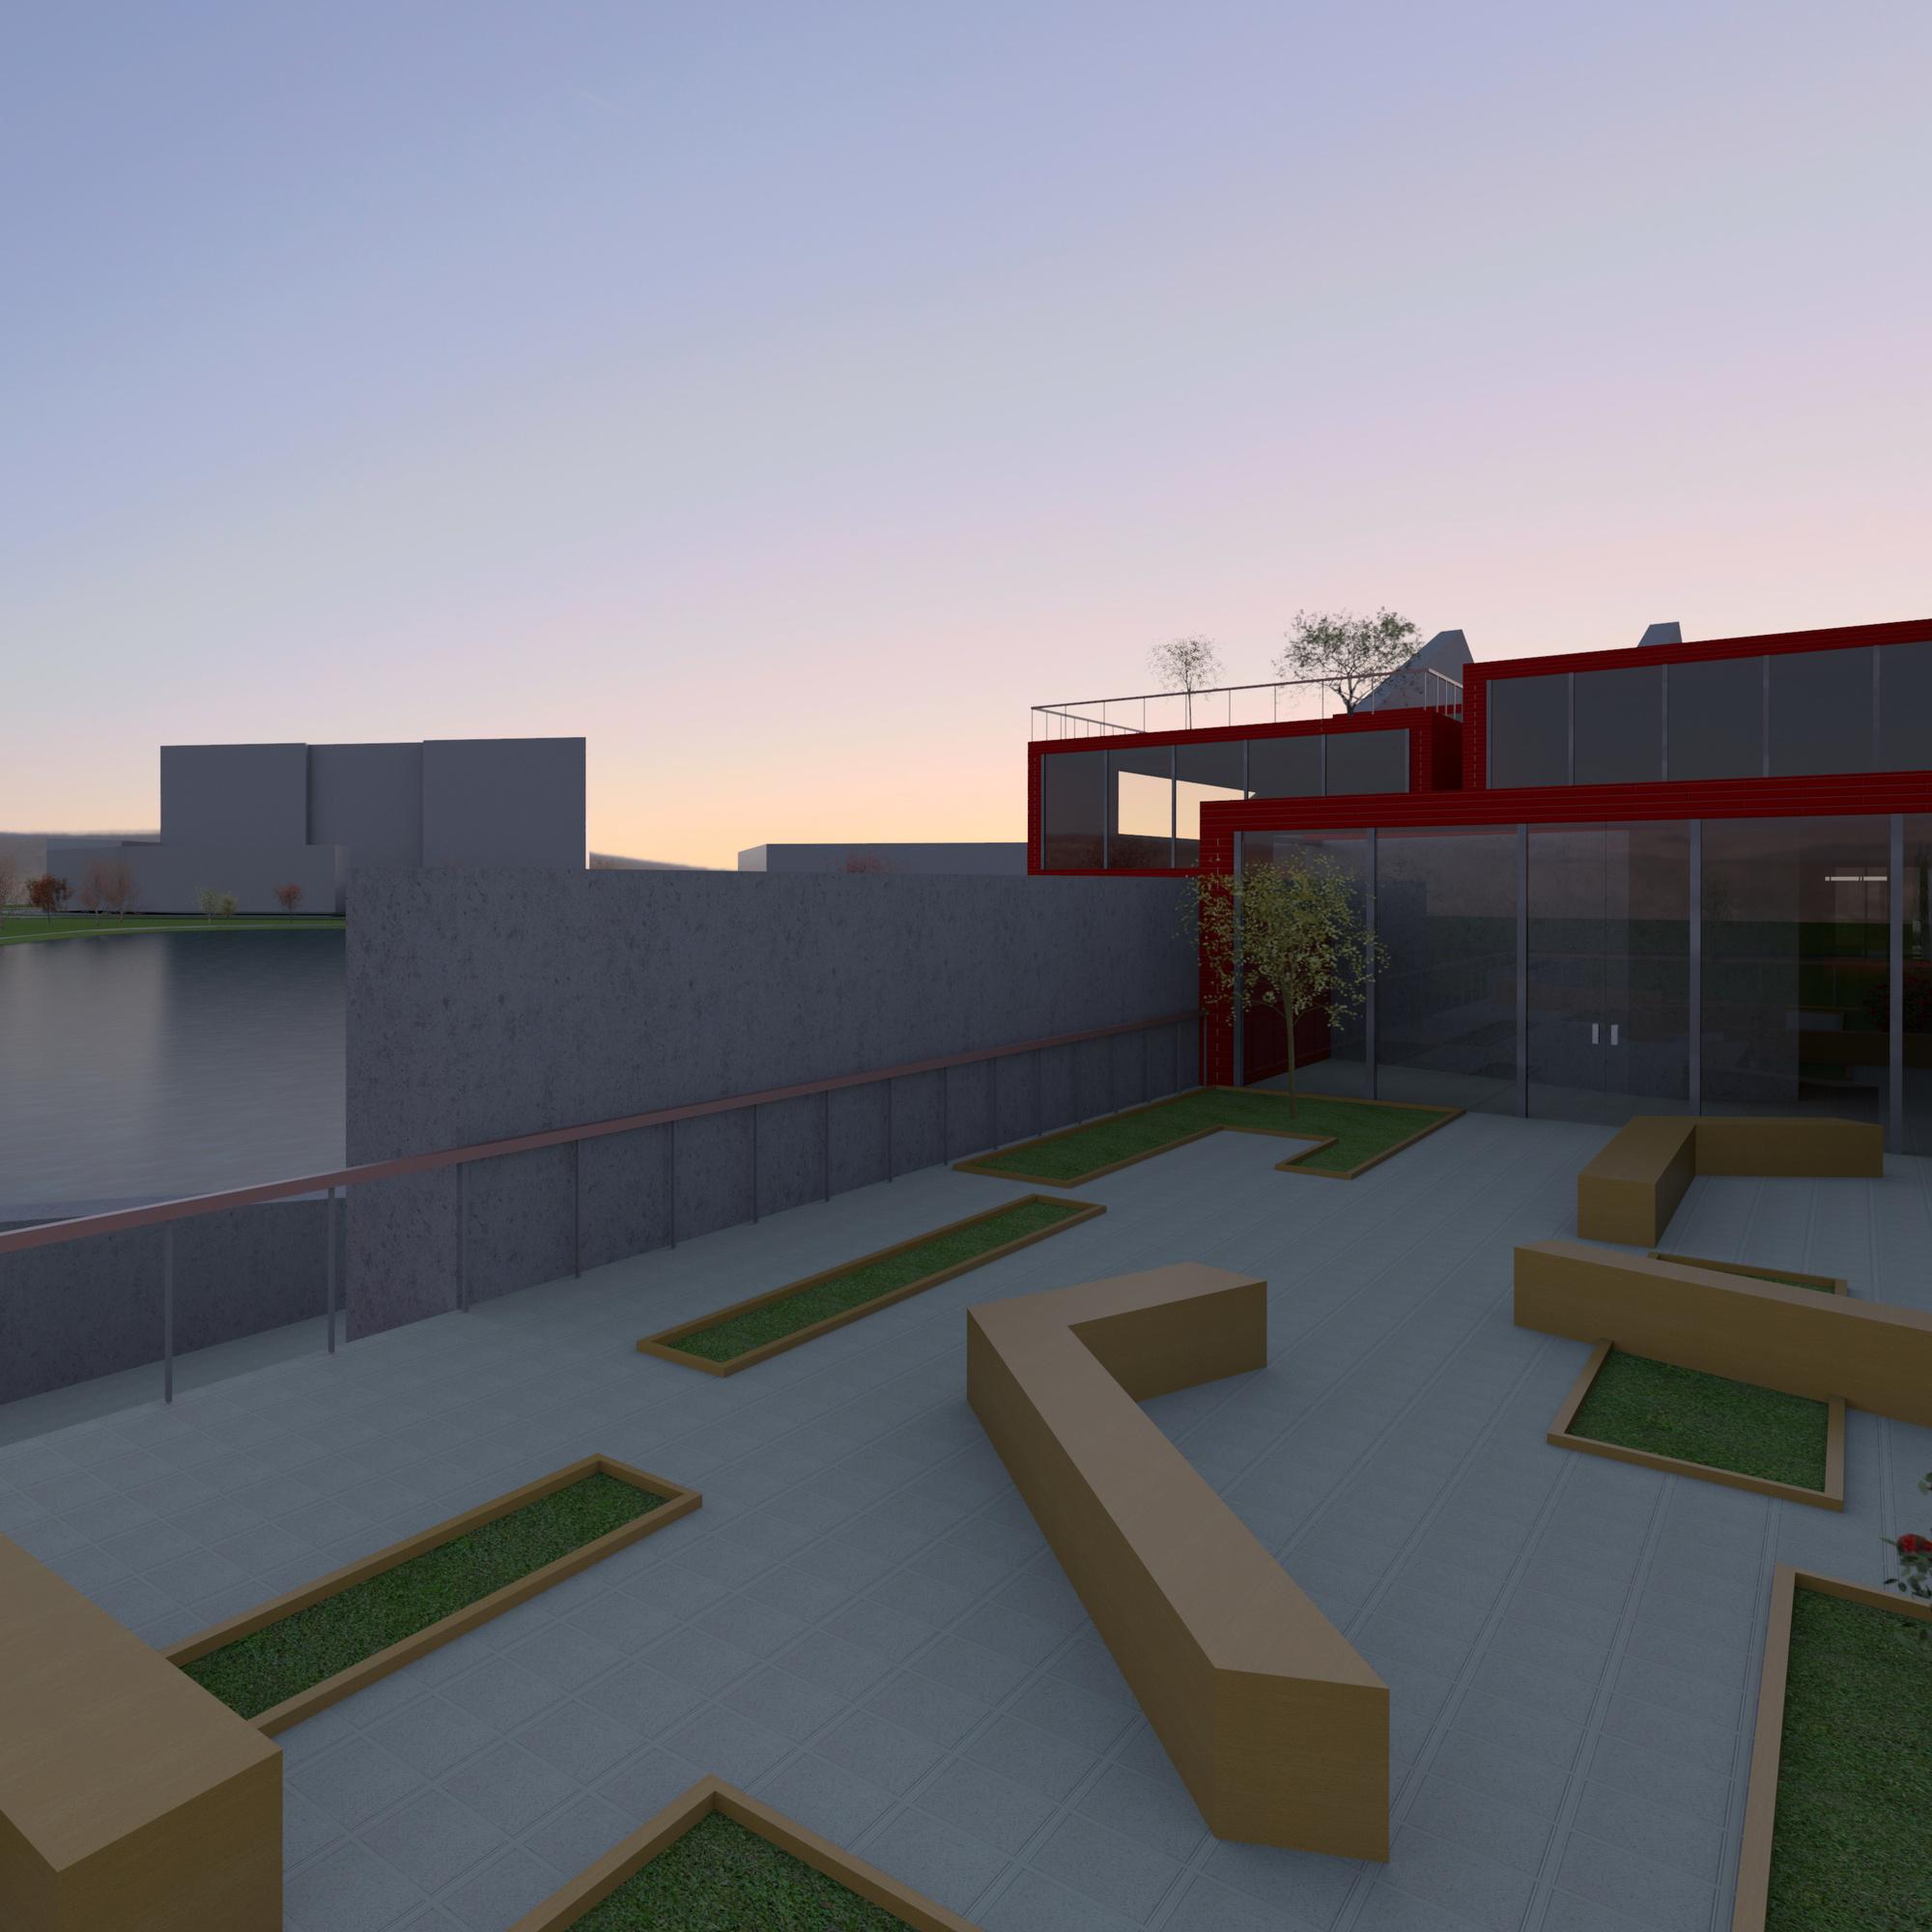 Raas-rendering20150223-15060-1vbiczm